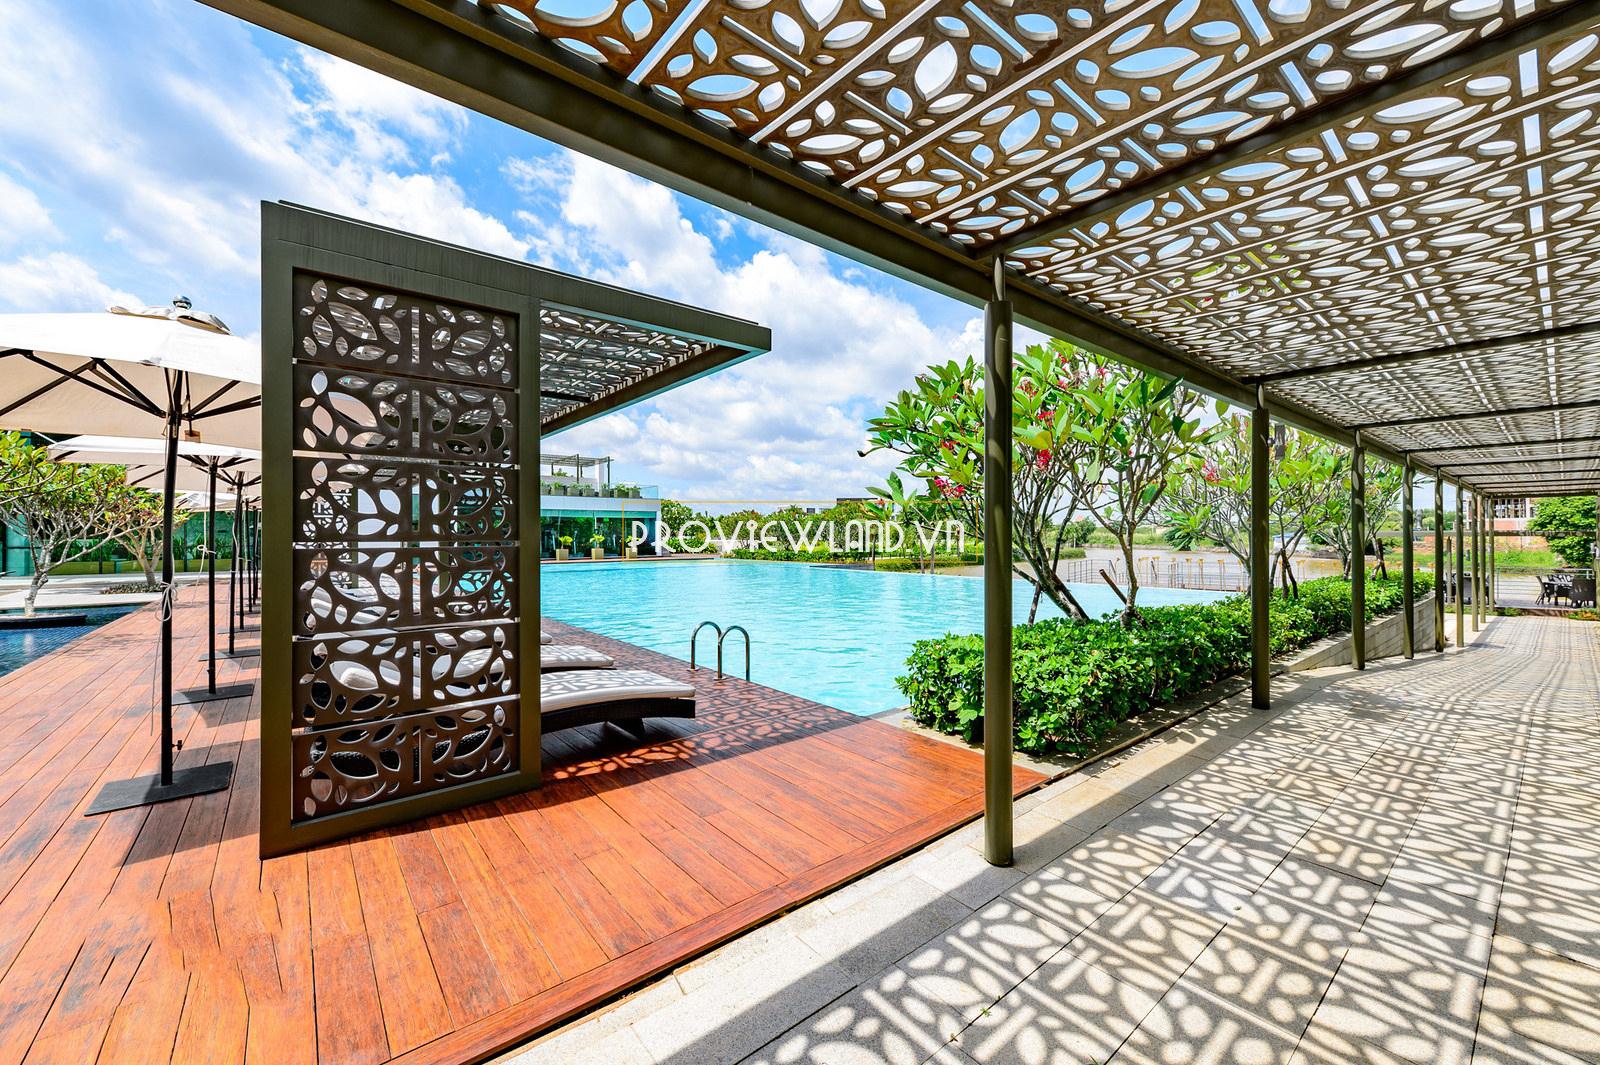 lucasta-khang-dien-villas-for-rent-4beds-3floor-district9-proview1112-13